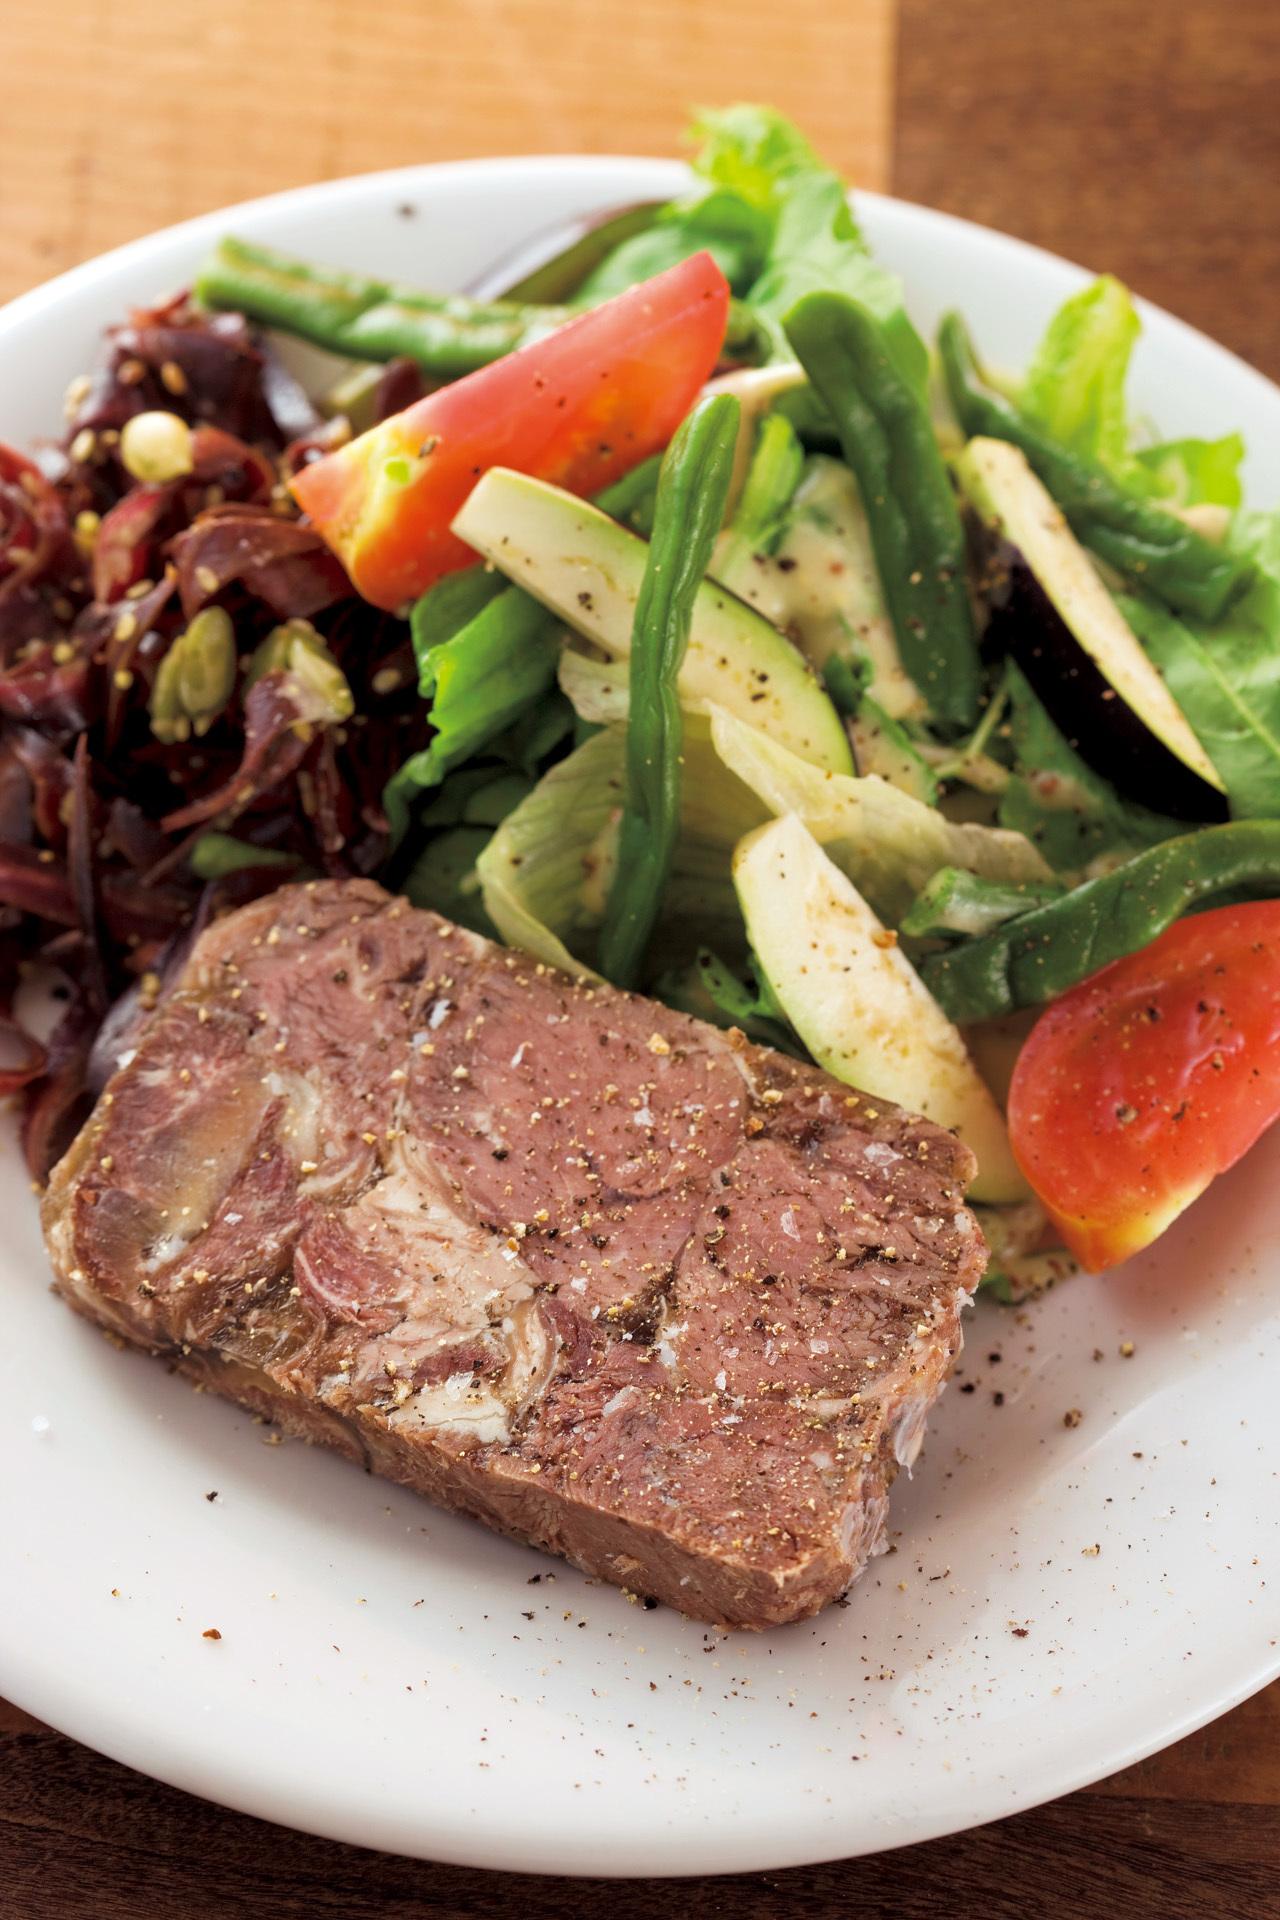 パリの名店の仕事を受け継ぐ 肉職人のステーキ ル・キャトーズィエム_1_2